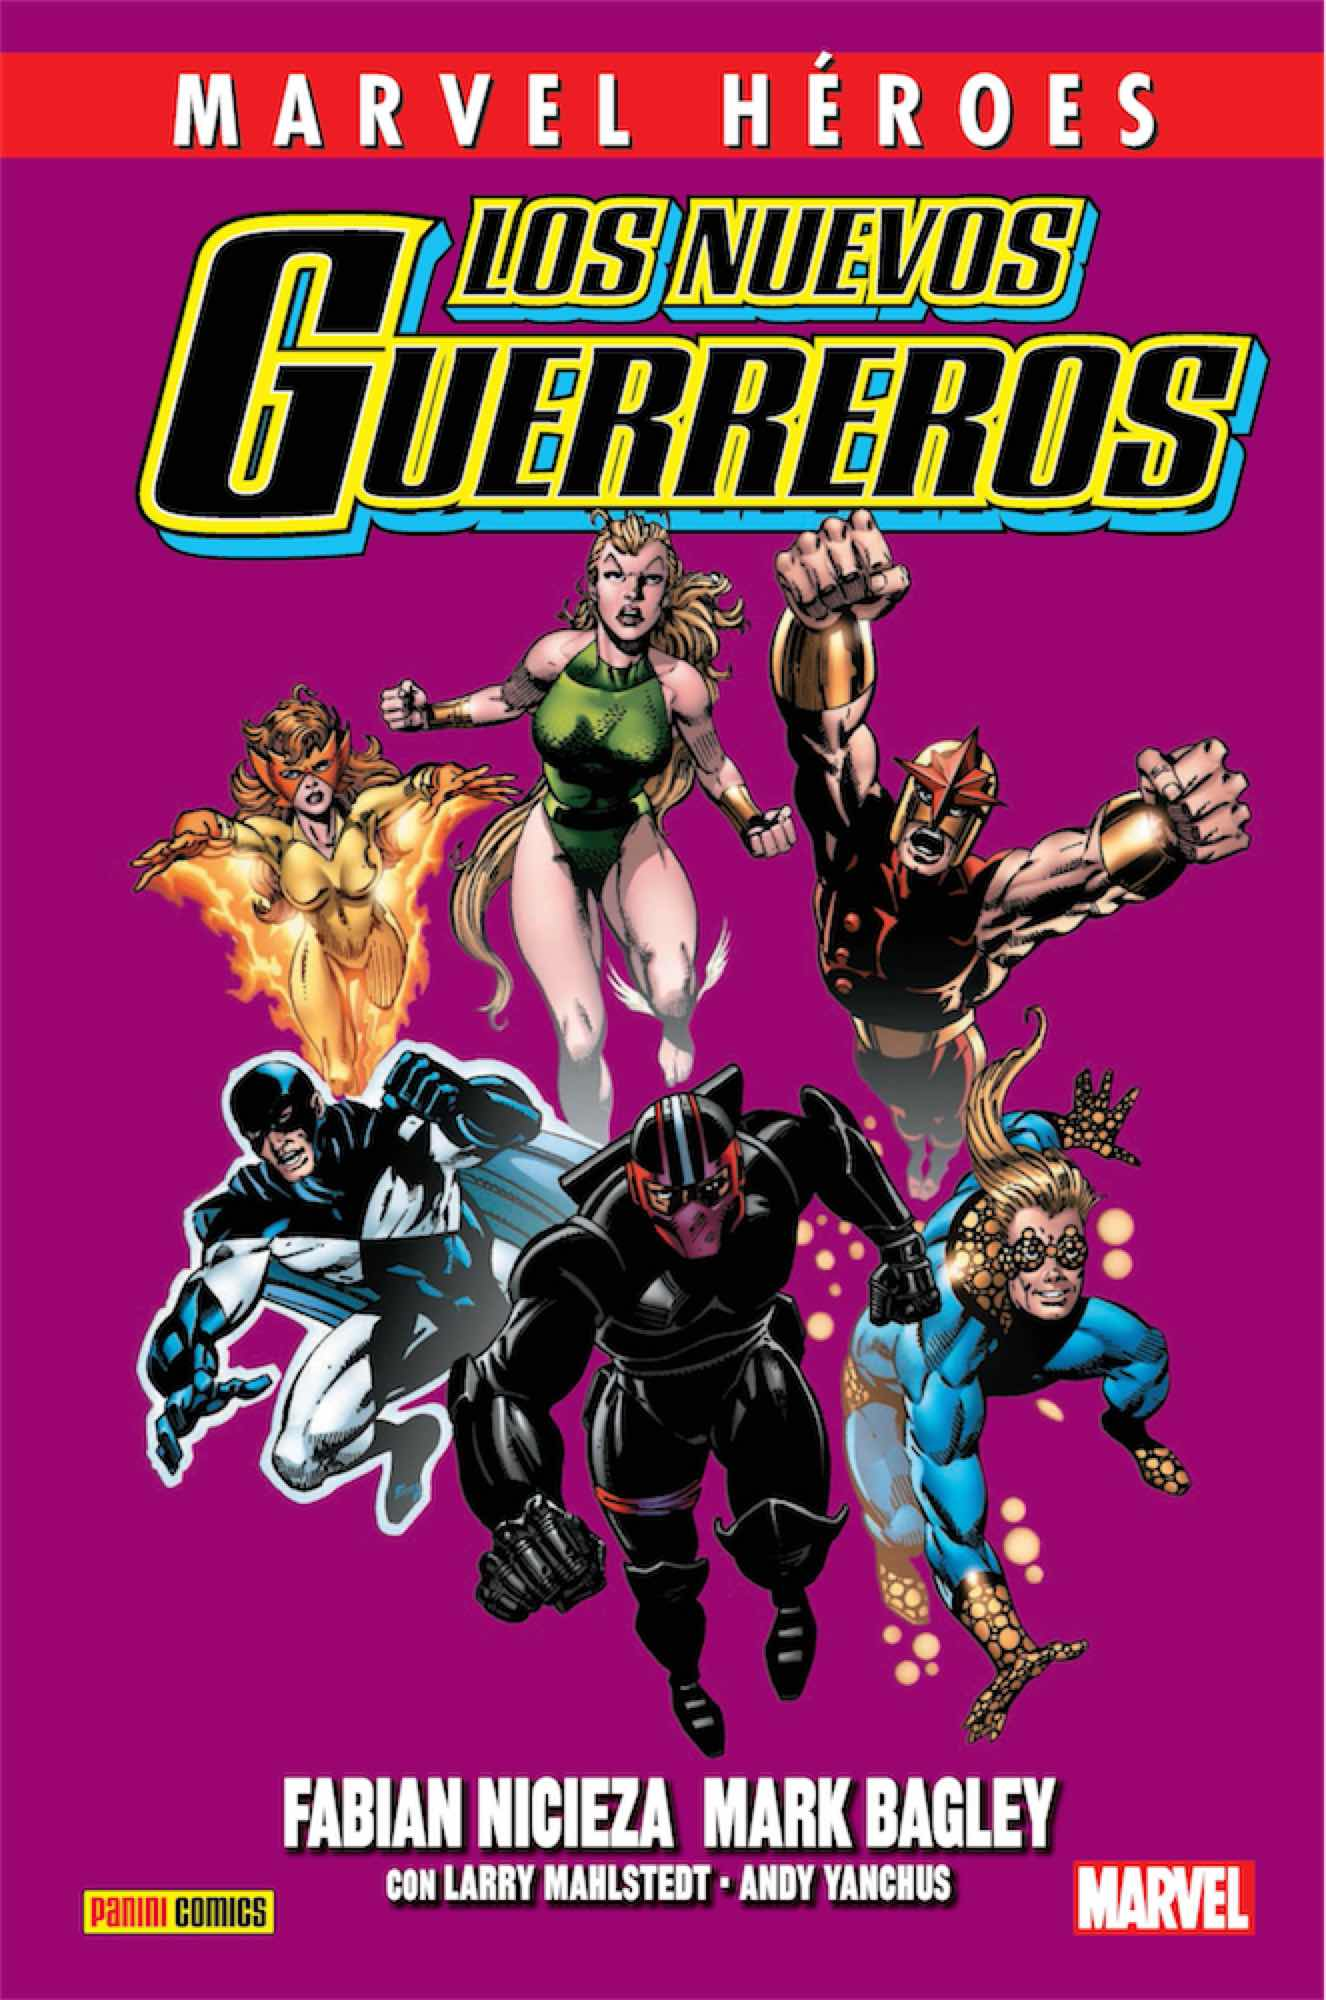 CMH 91: LOS NUEVOS GUERREROS 01